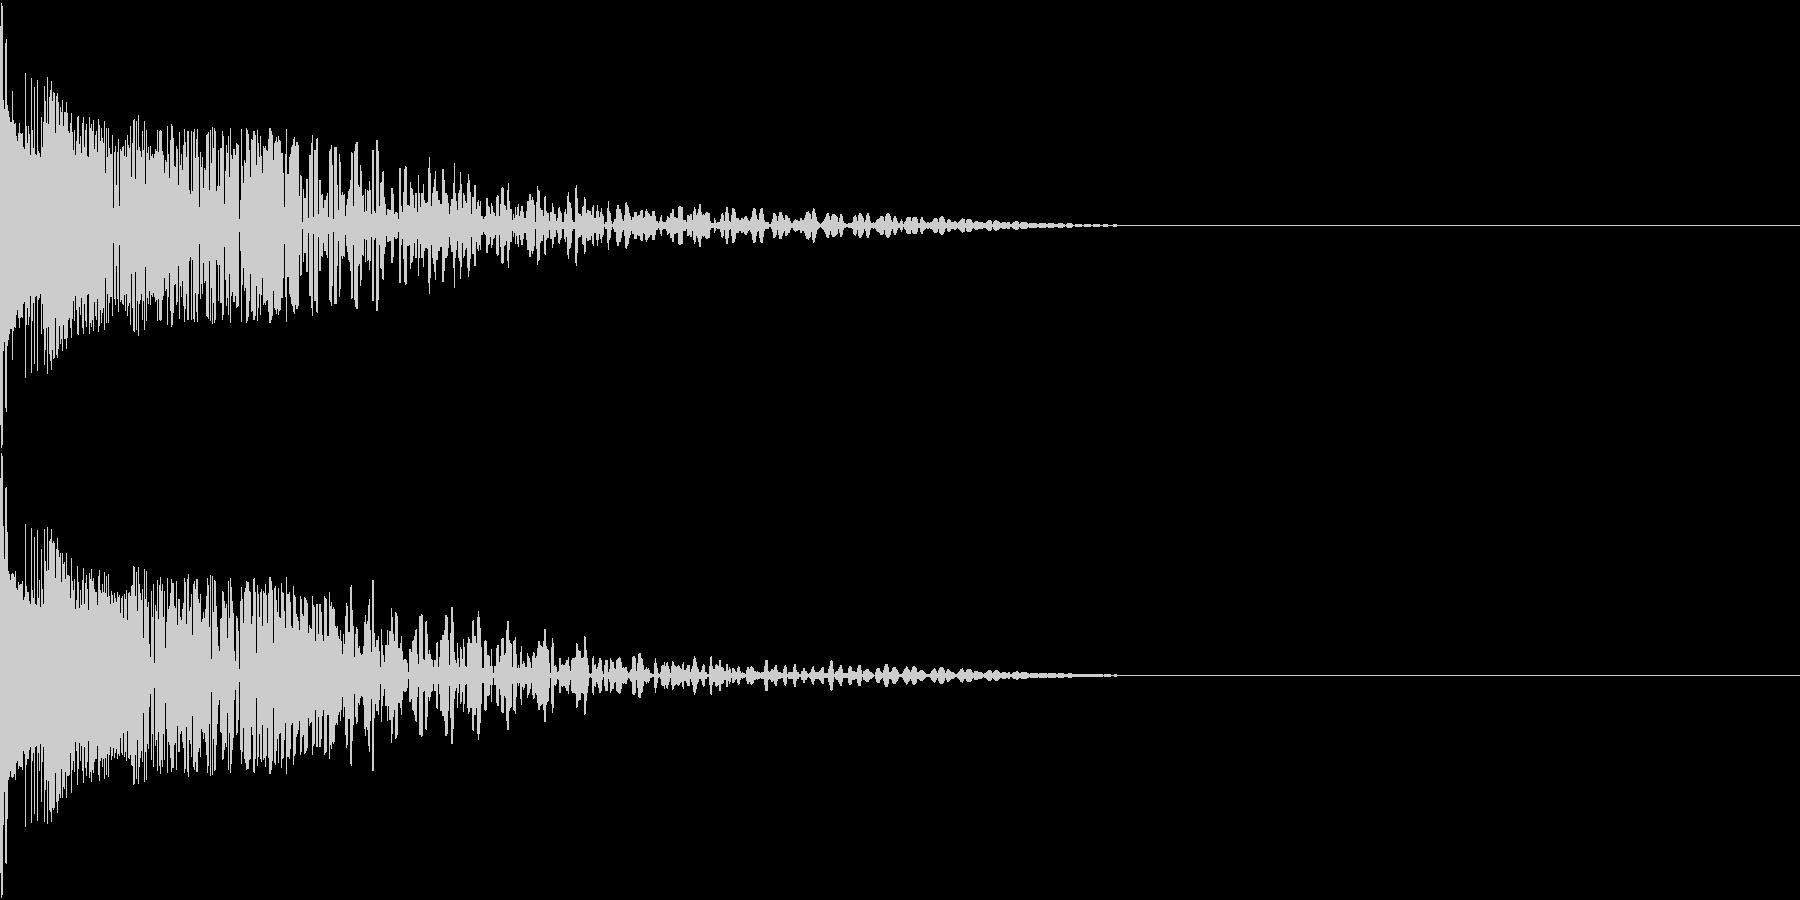 Henteko 可愛いクラッシュ音 7の未再生の波形